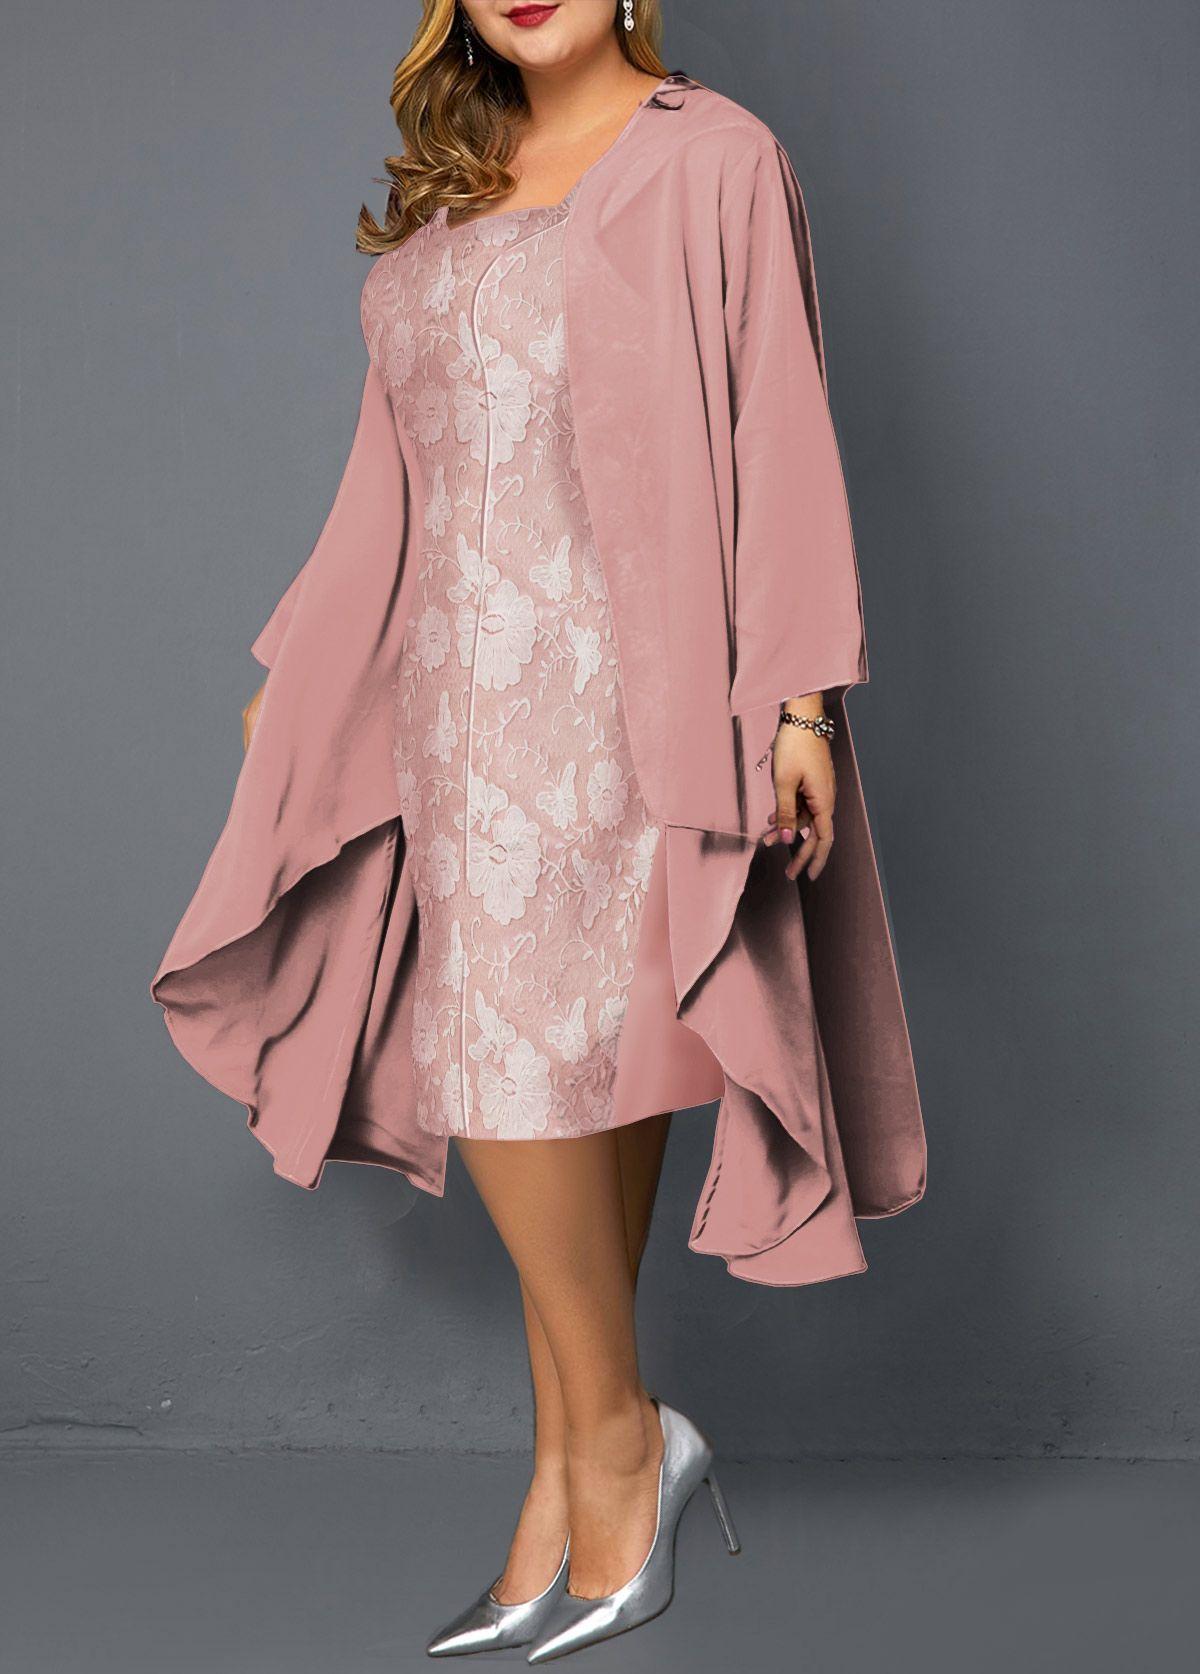 Plus Size Chiffon Cardigan and Sheath Dress #Sponsored